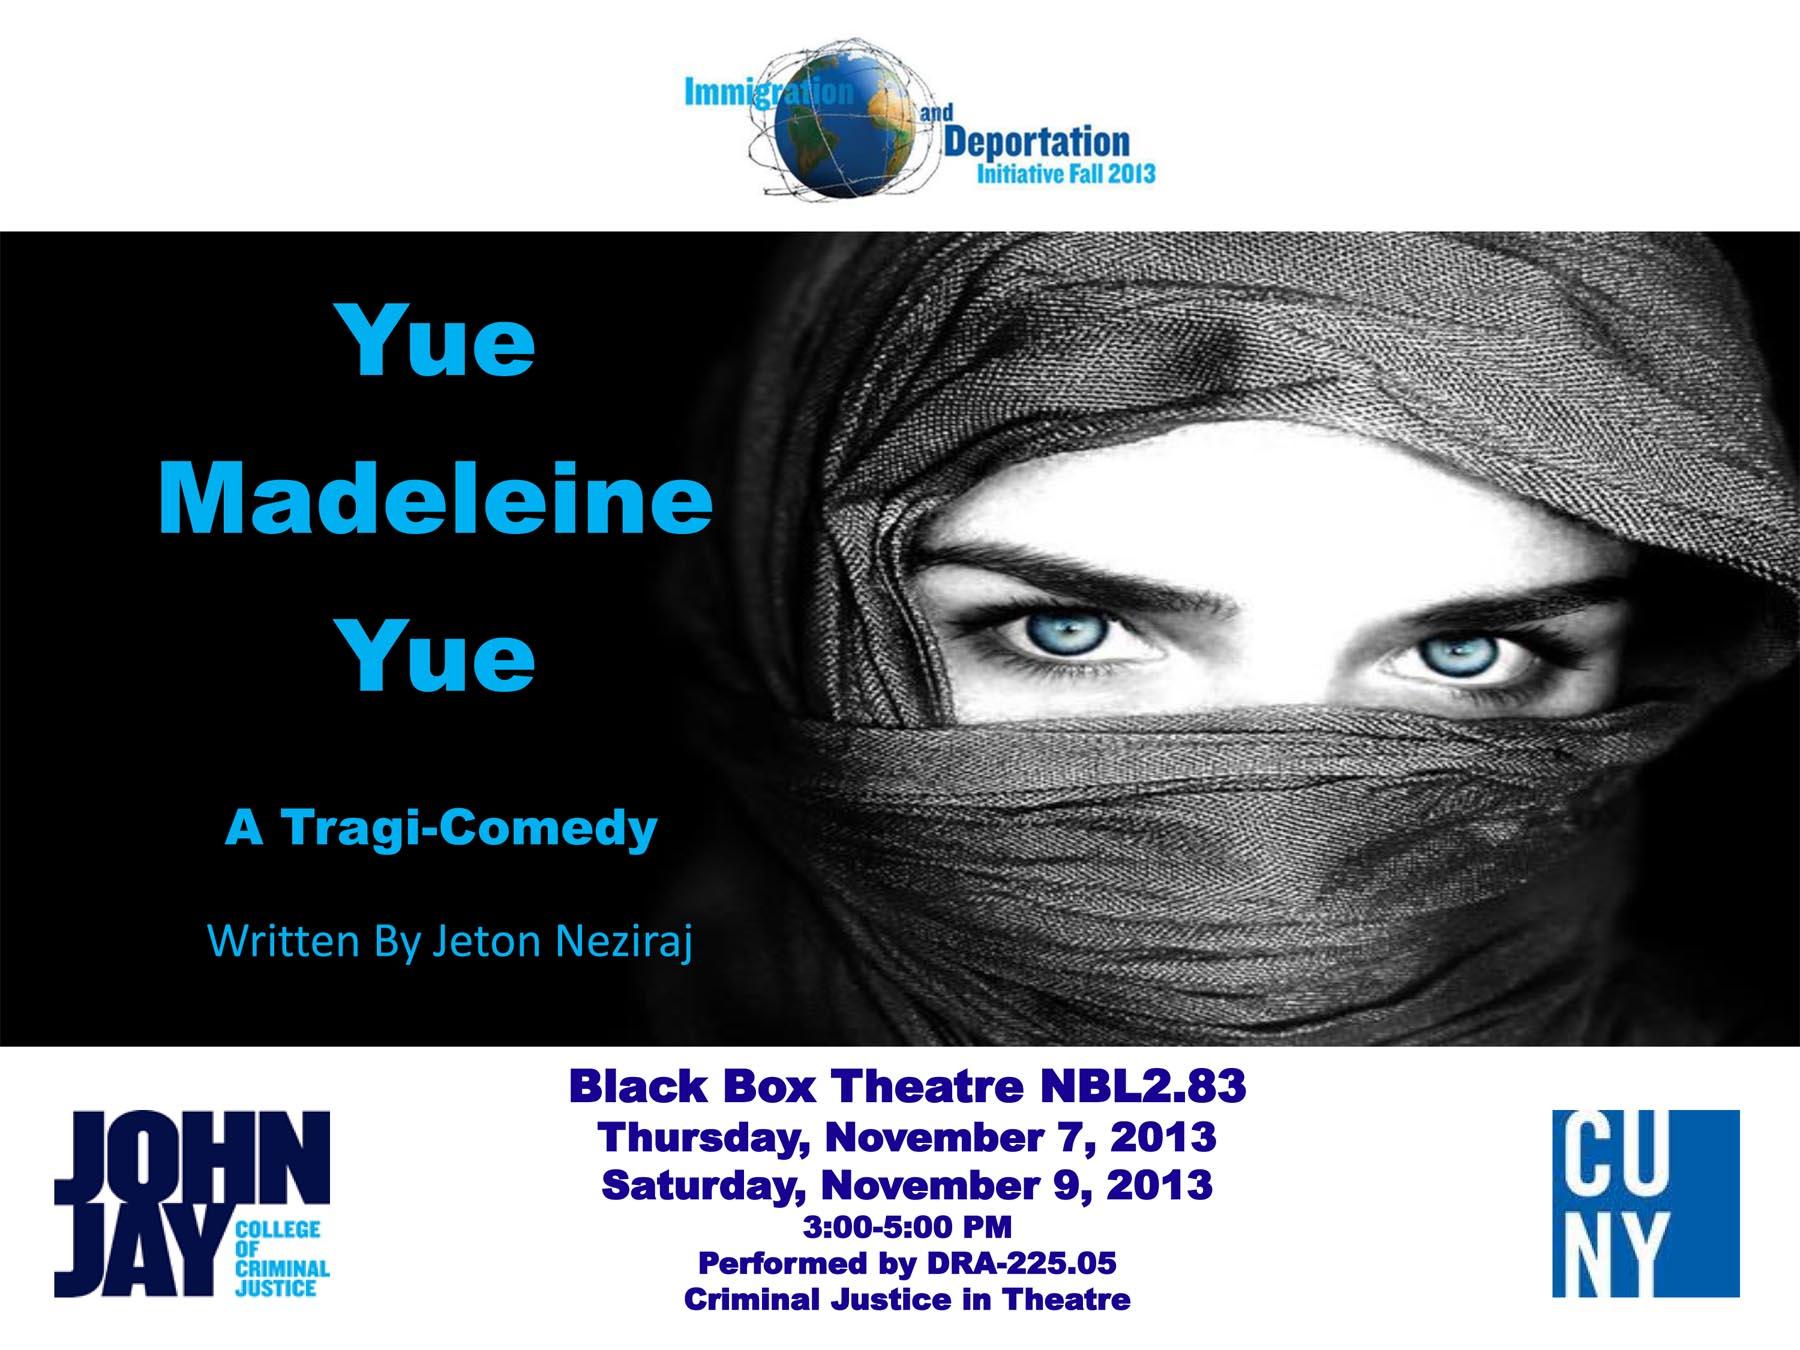 Yue Madeleine